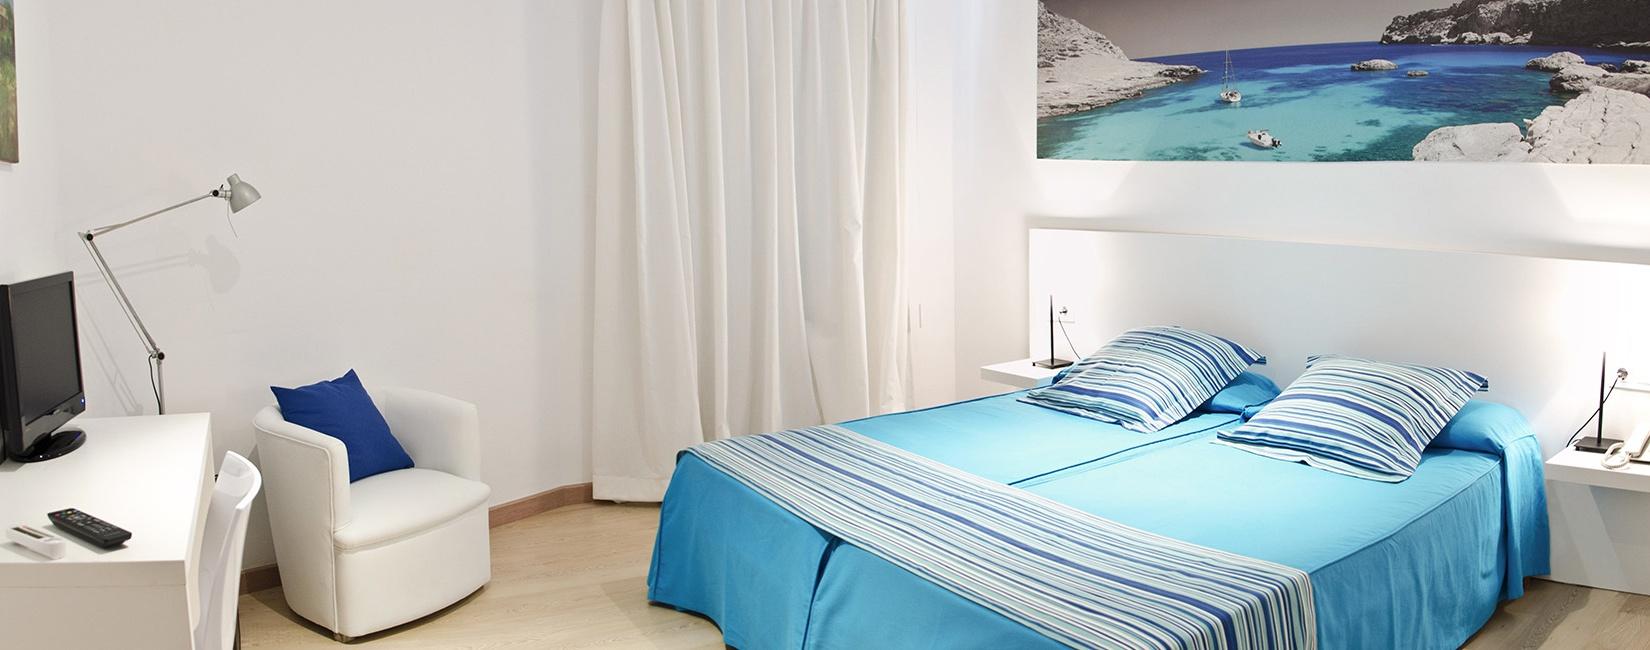 Habitaciones Hotel Capri